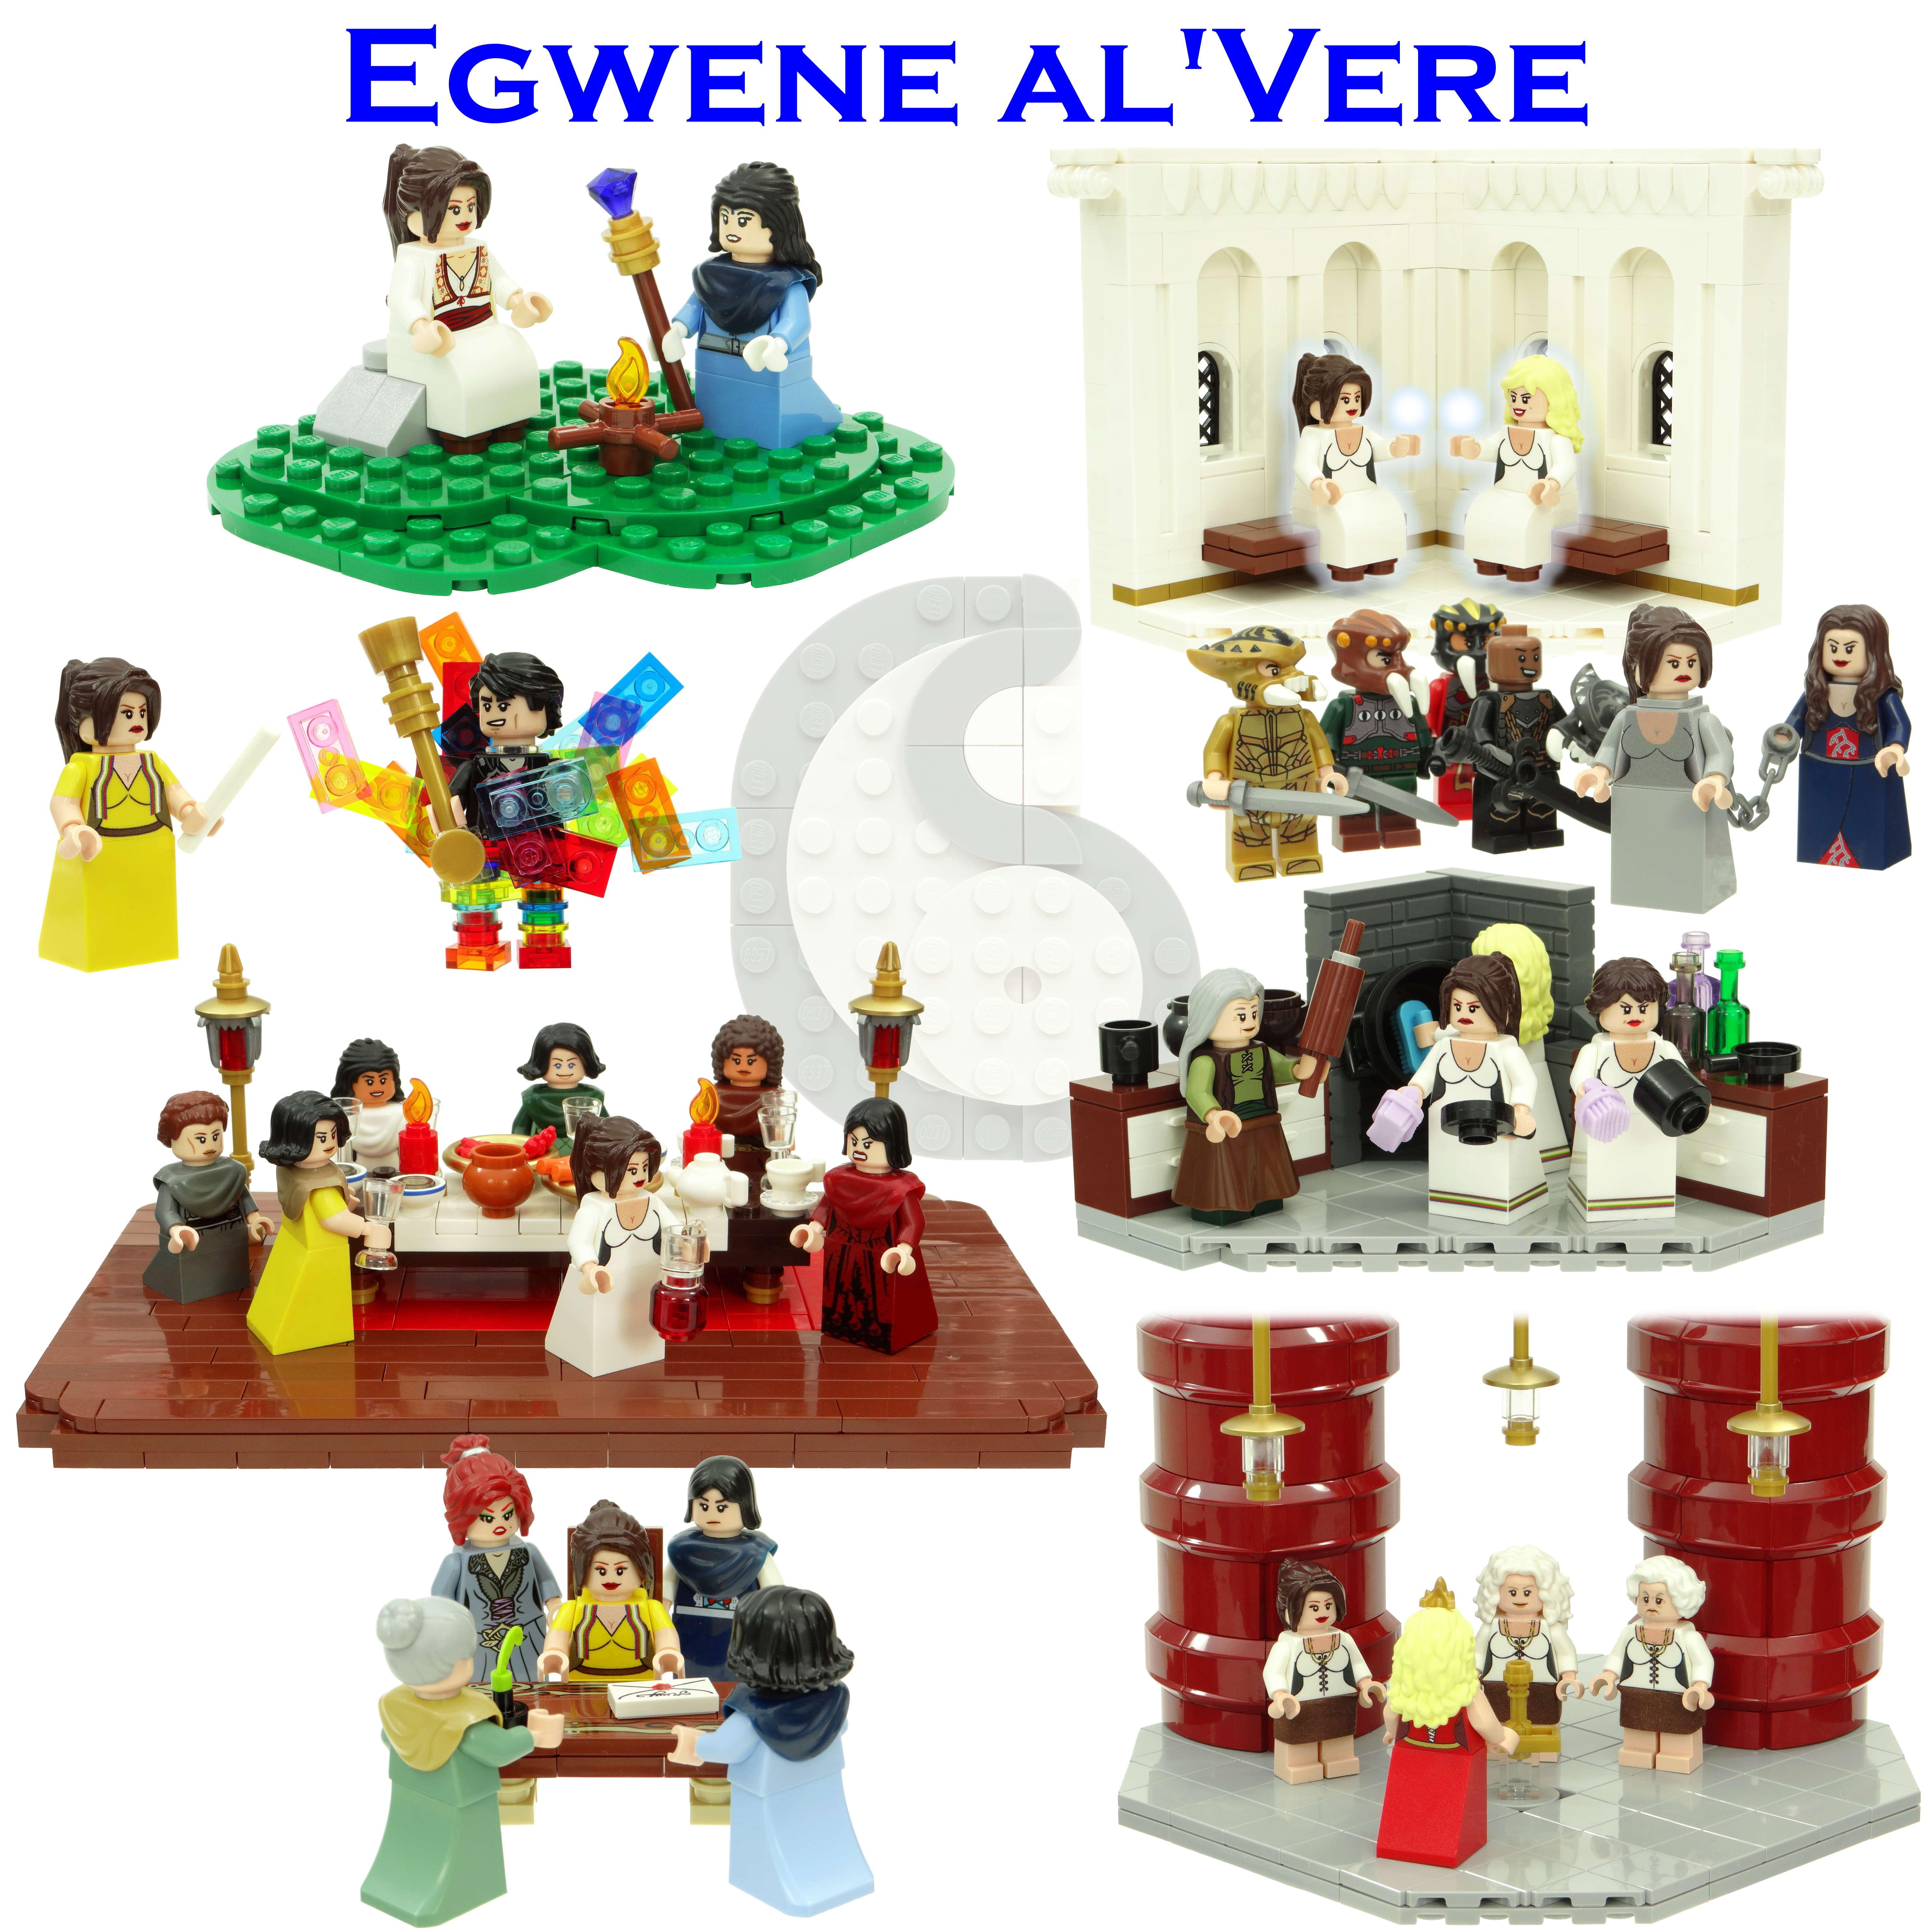 egwene-alvere